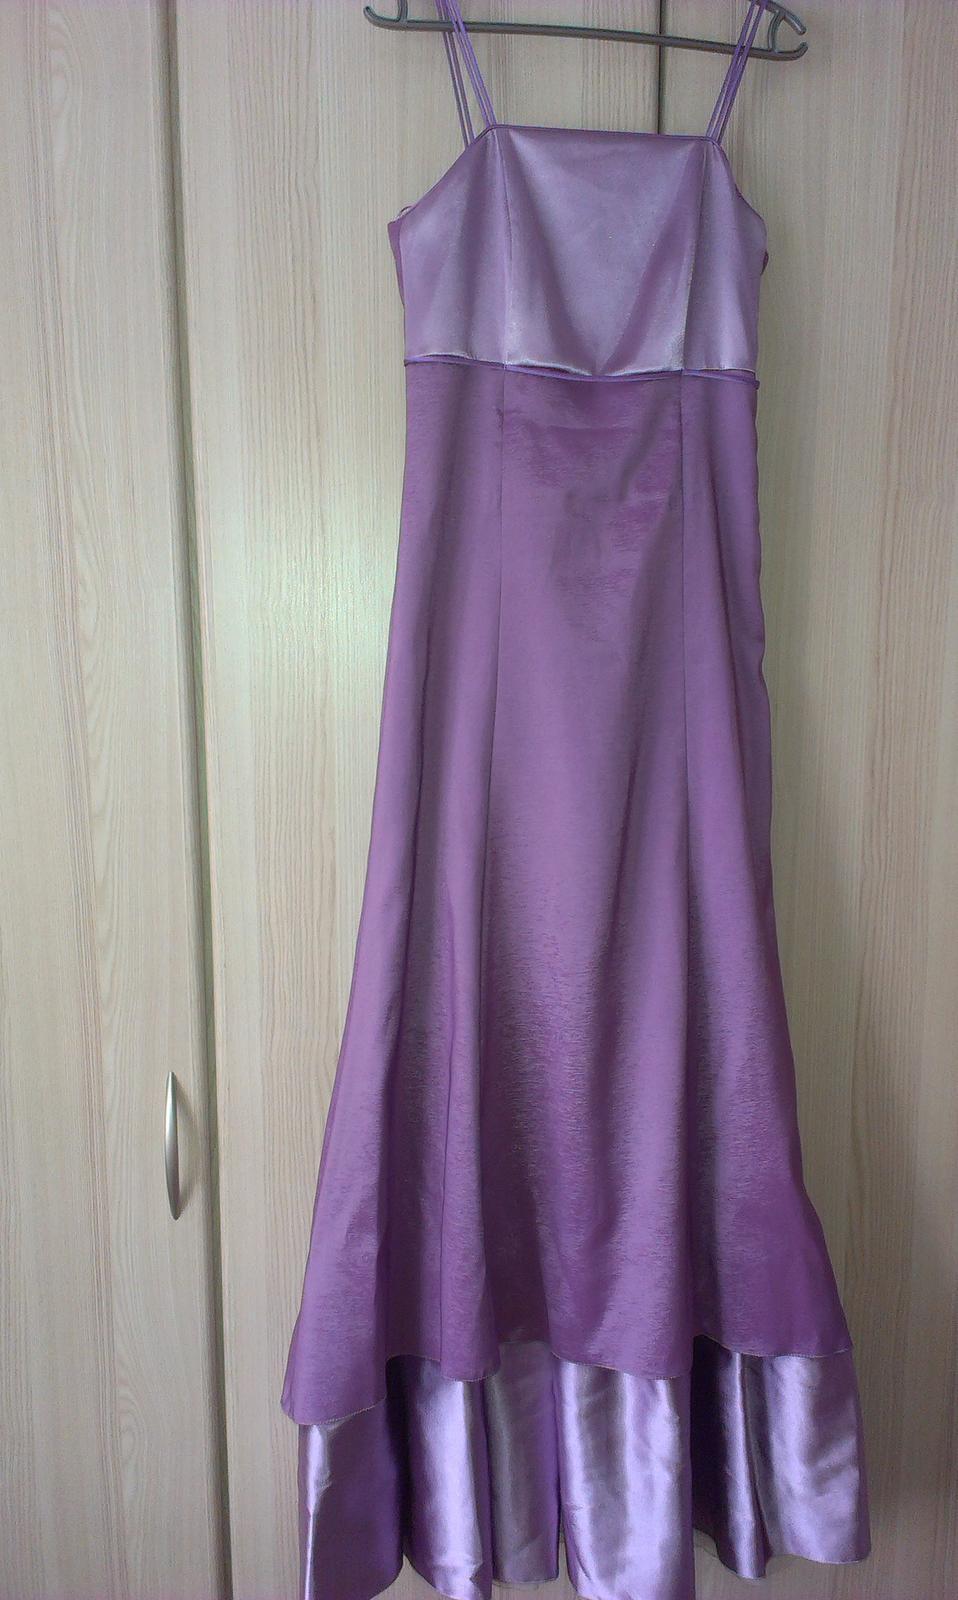 šaty spoločenske fialove - Obrázok č. 1